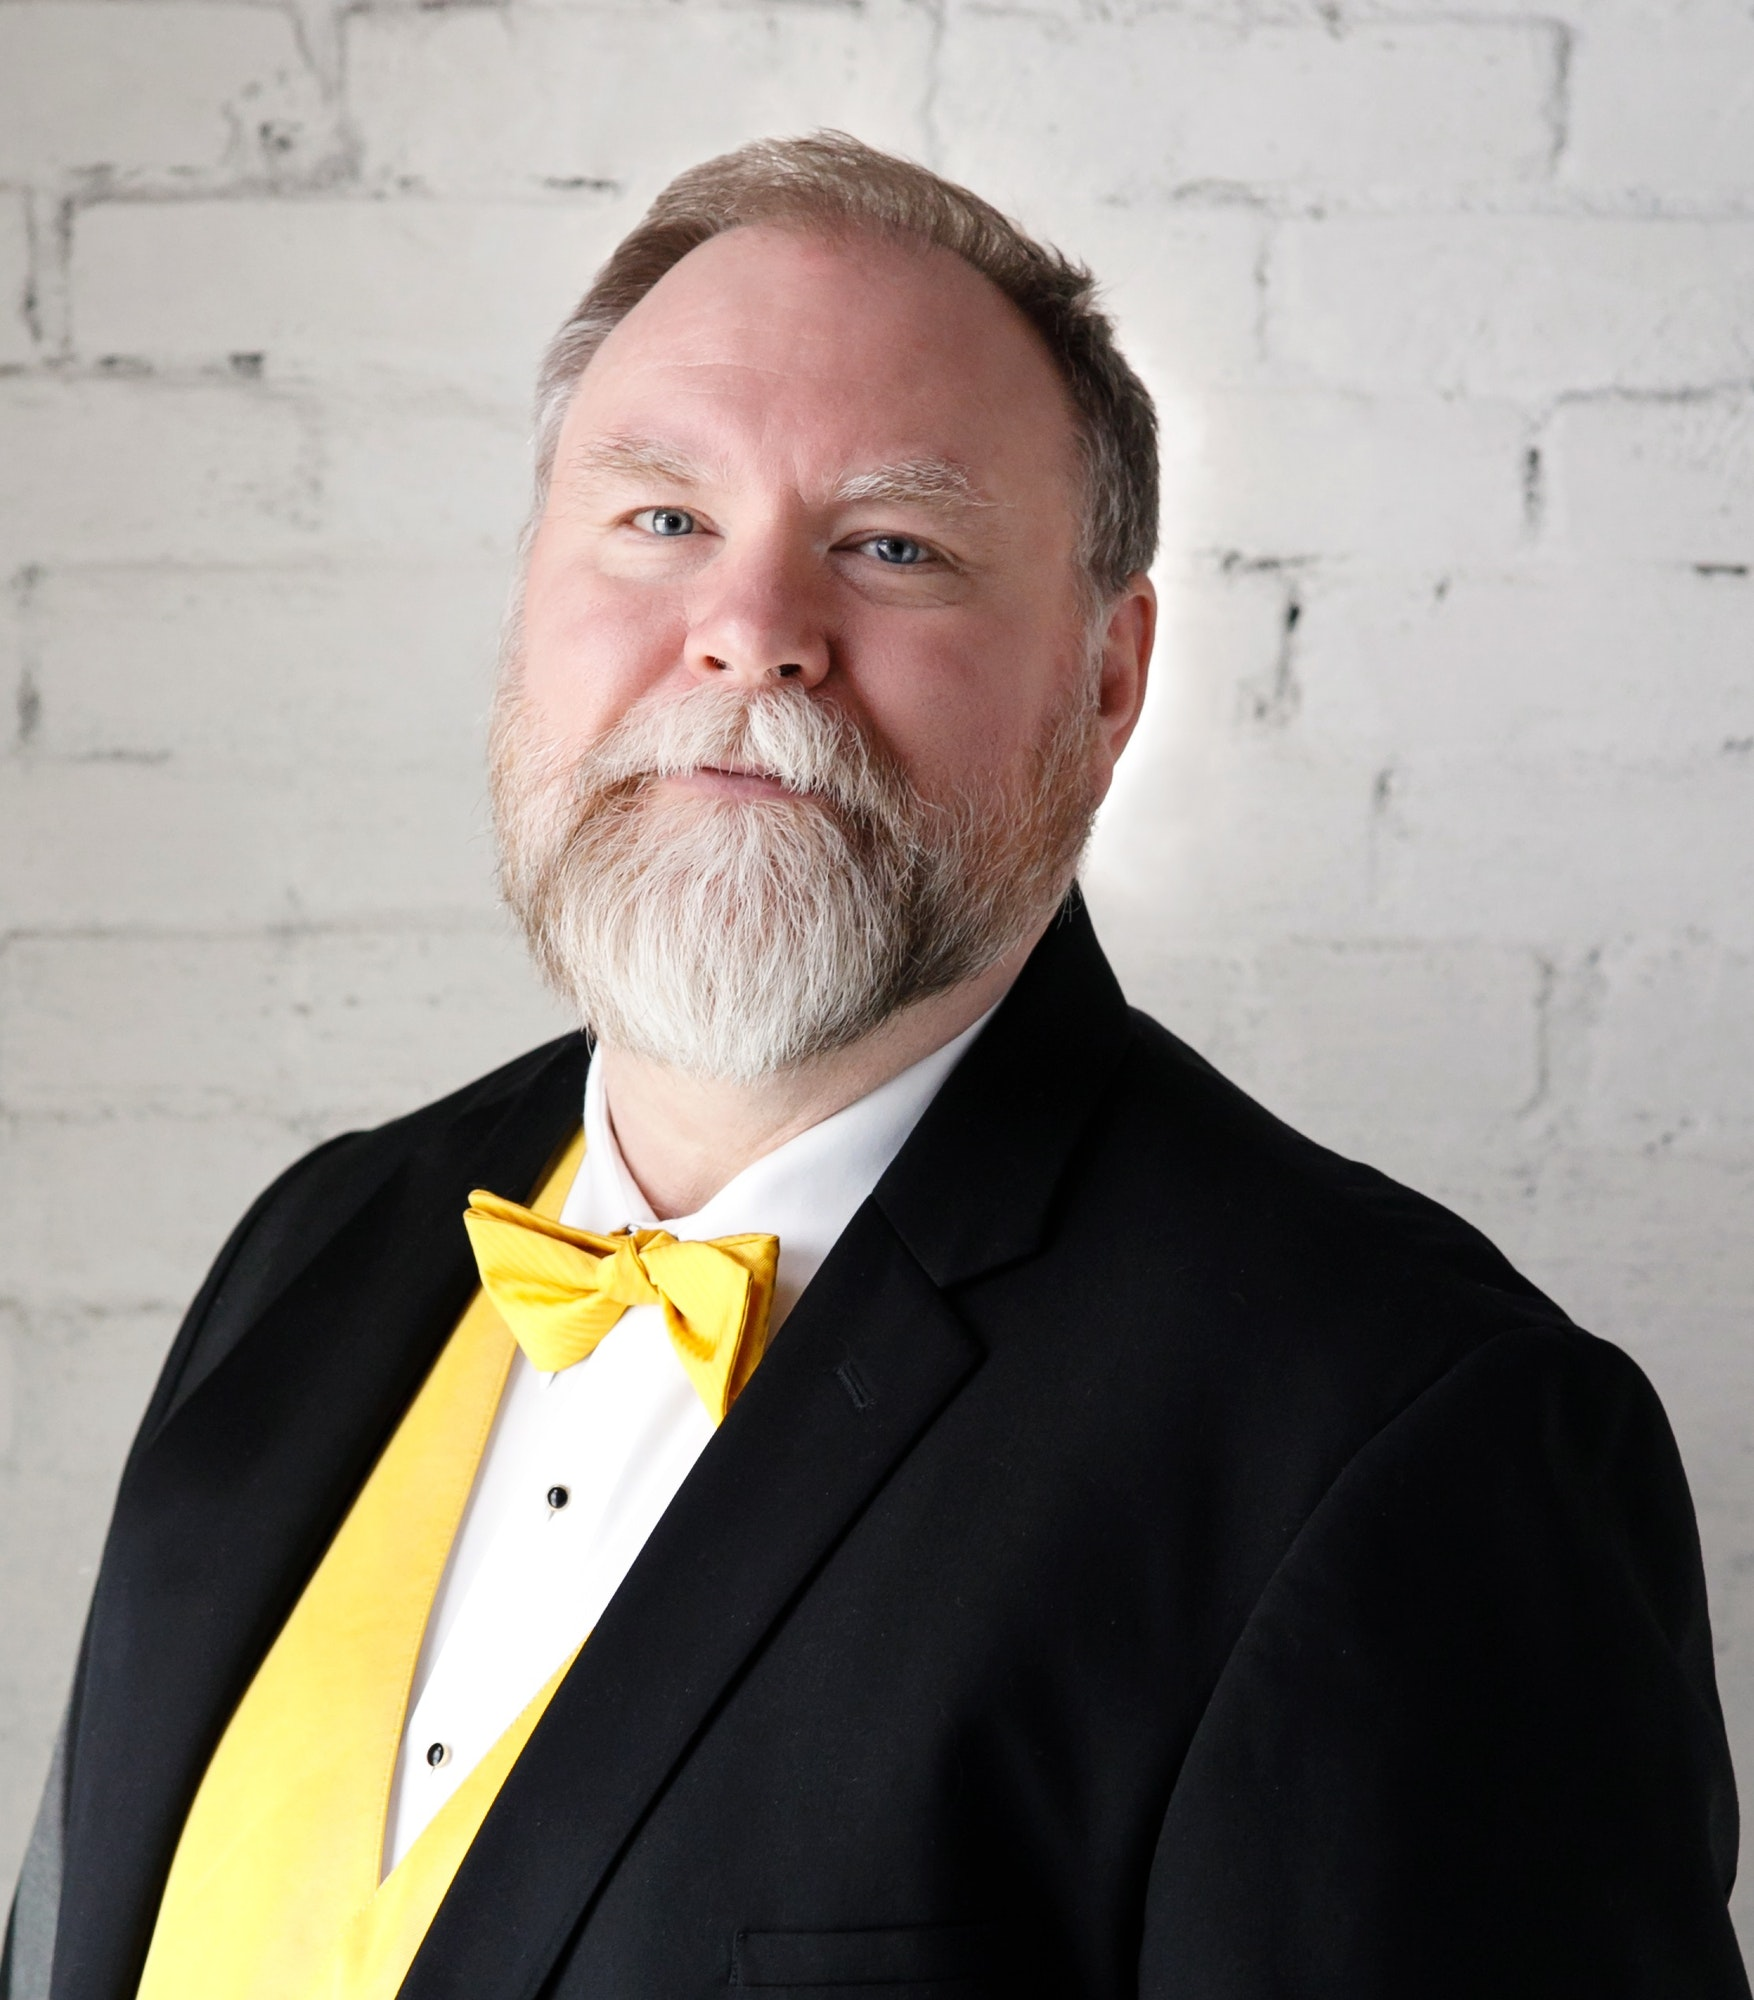 Monte Olsen in a tuxedo with yellow cummerbund and bow tie